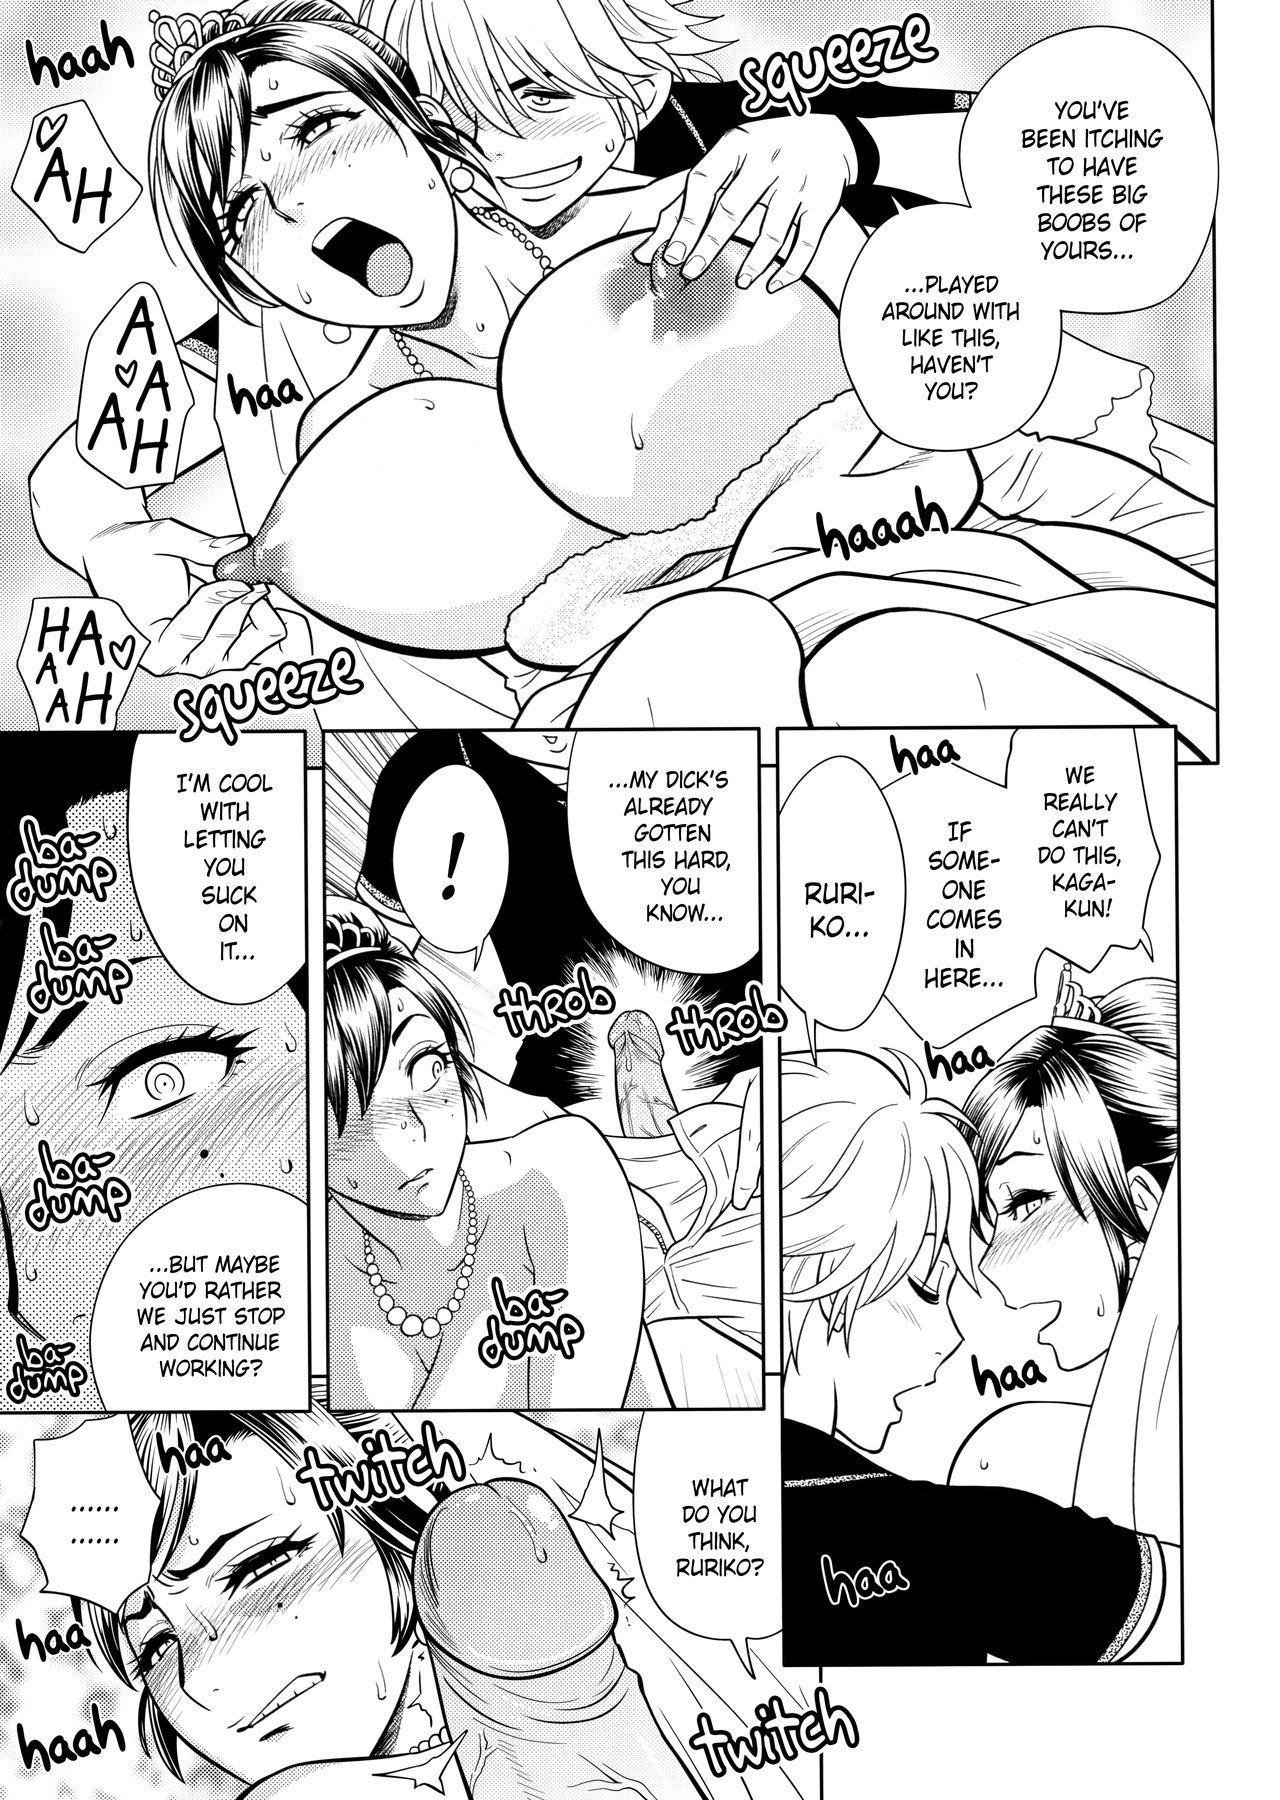 [Tatsunami Youtoku, Yamasaki Masato] Bijin Henshuu-chou no Himitsu | Beautiful Editor-in-Chief's Secret Ch. 1-8 [English] [Forbiddenfetish77, Red Vodka, Crystalium, CEDR777] [Decensored] 90